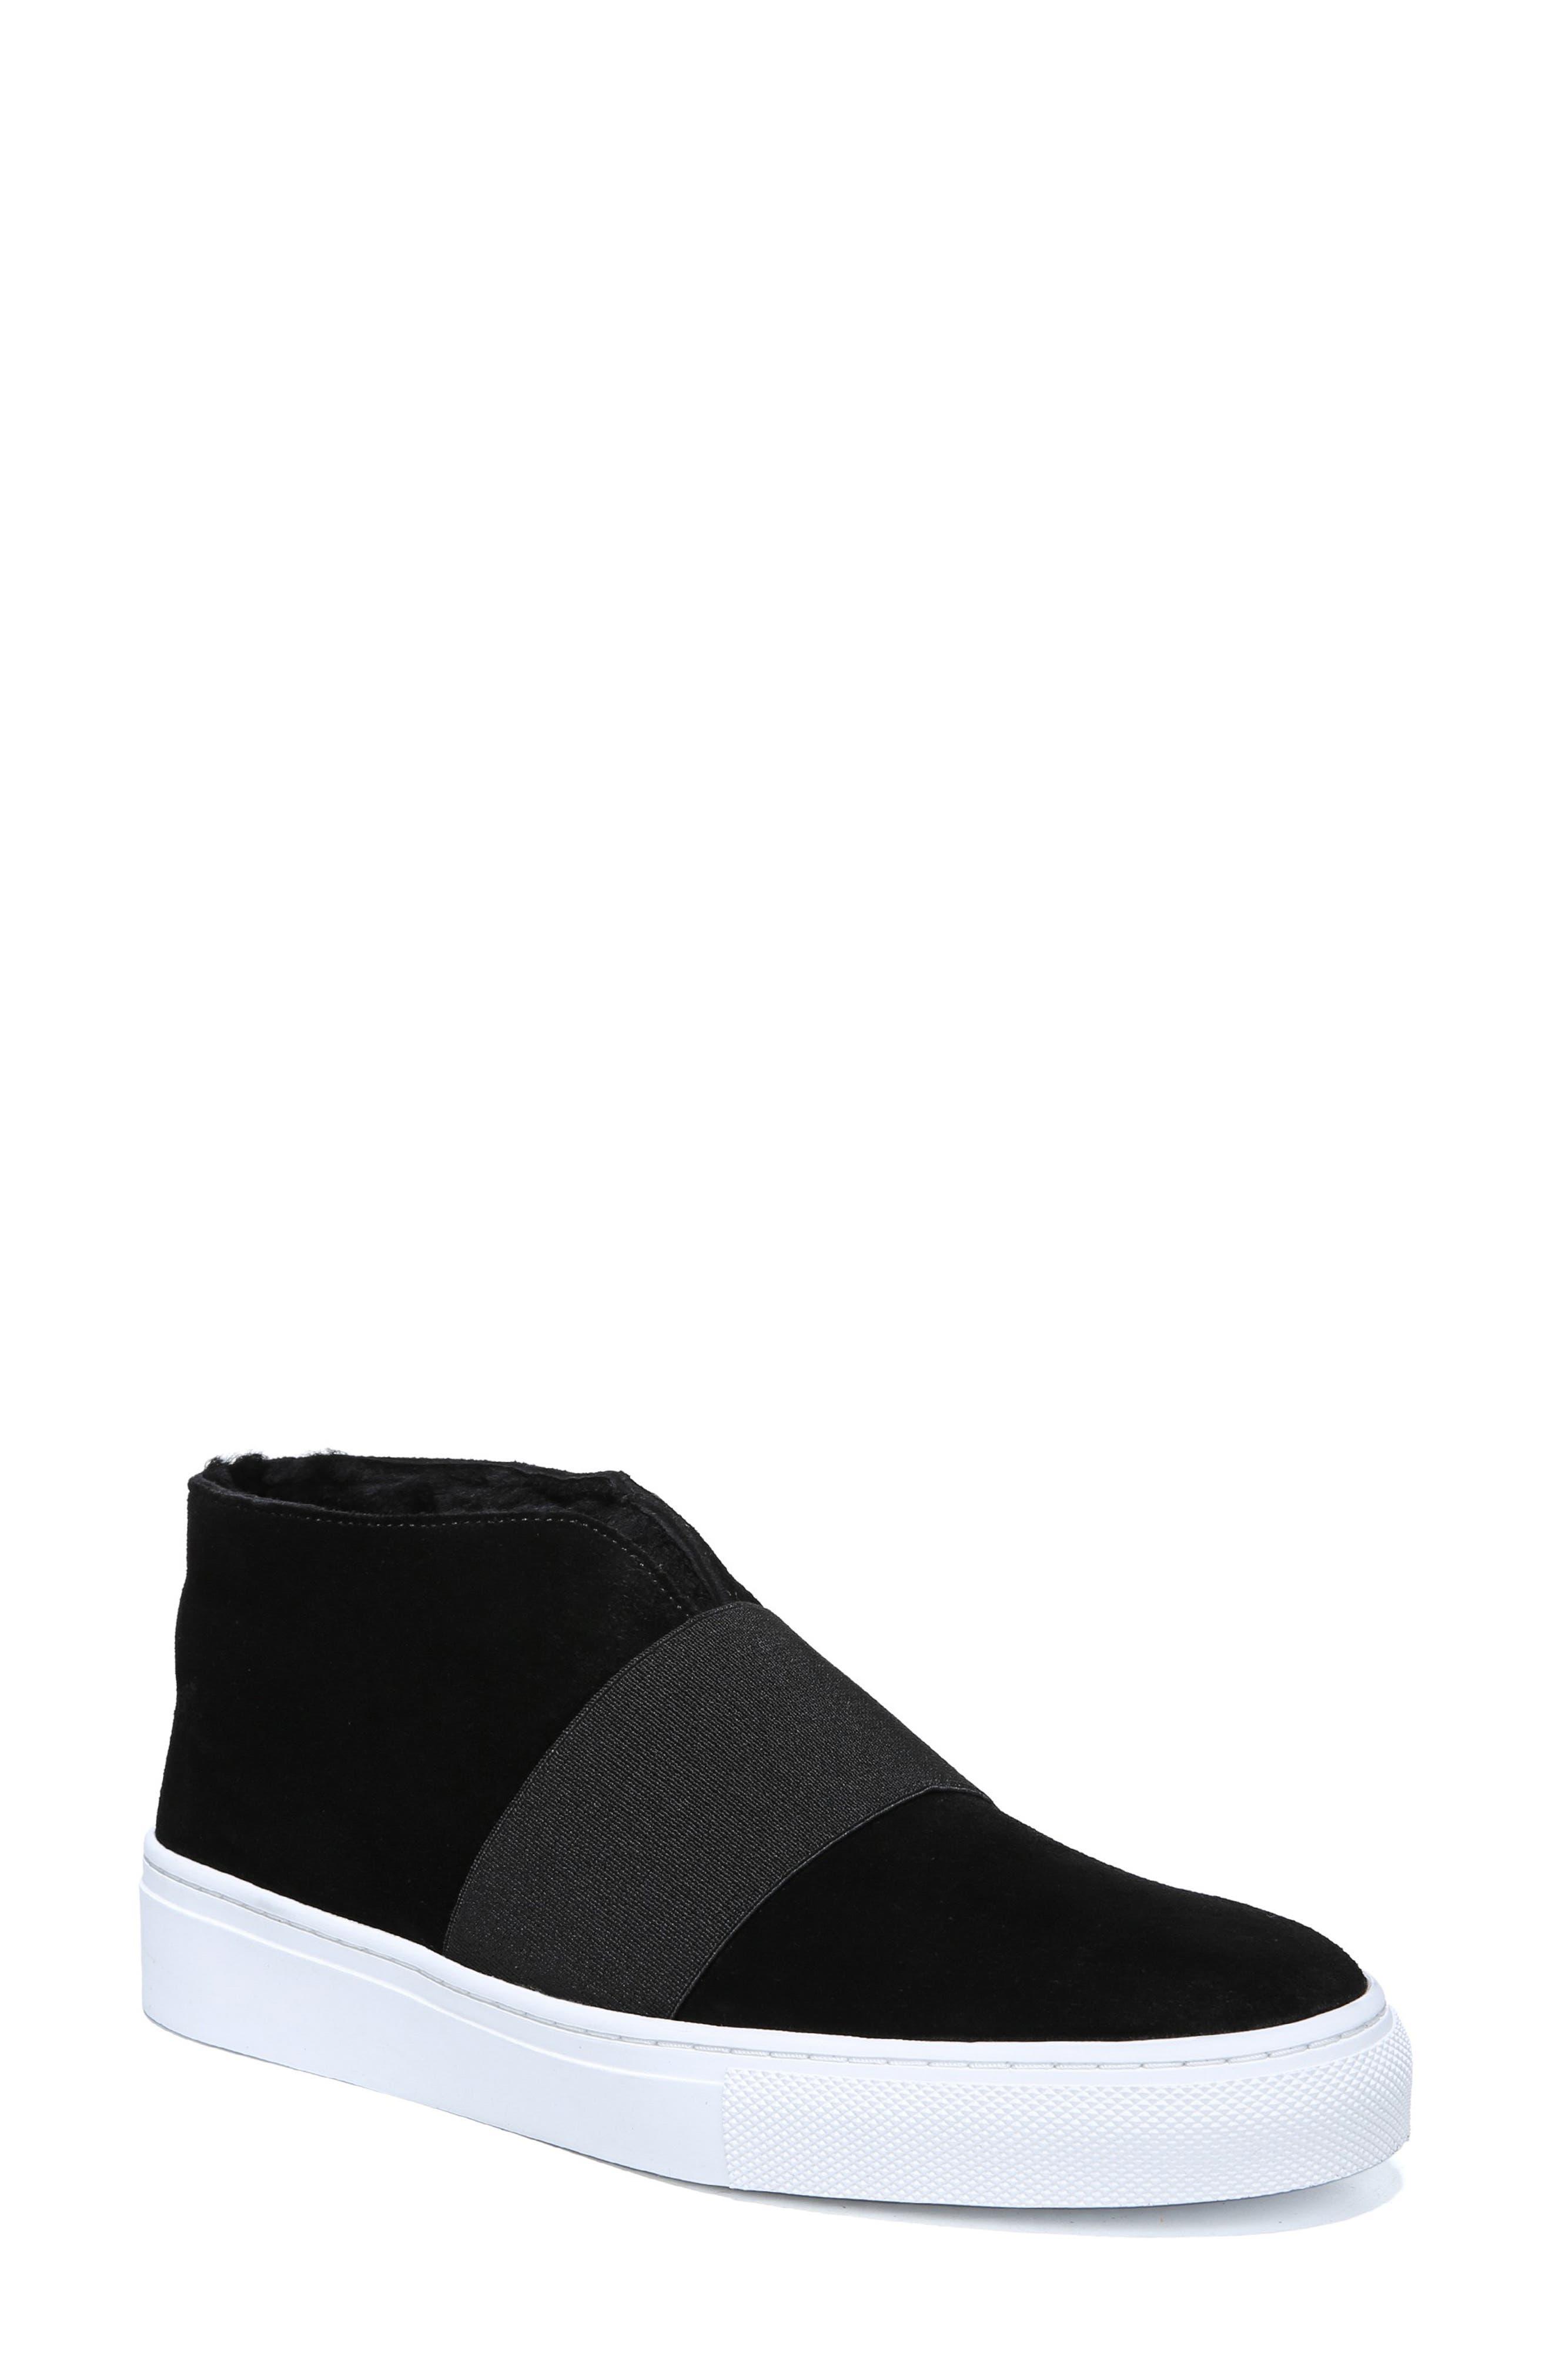 VIA SPIGA Sayer Genuine Shearling Slip-On Sneaker in Black